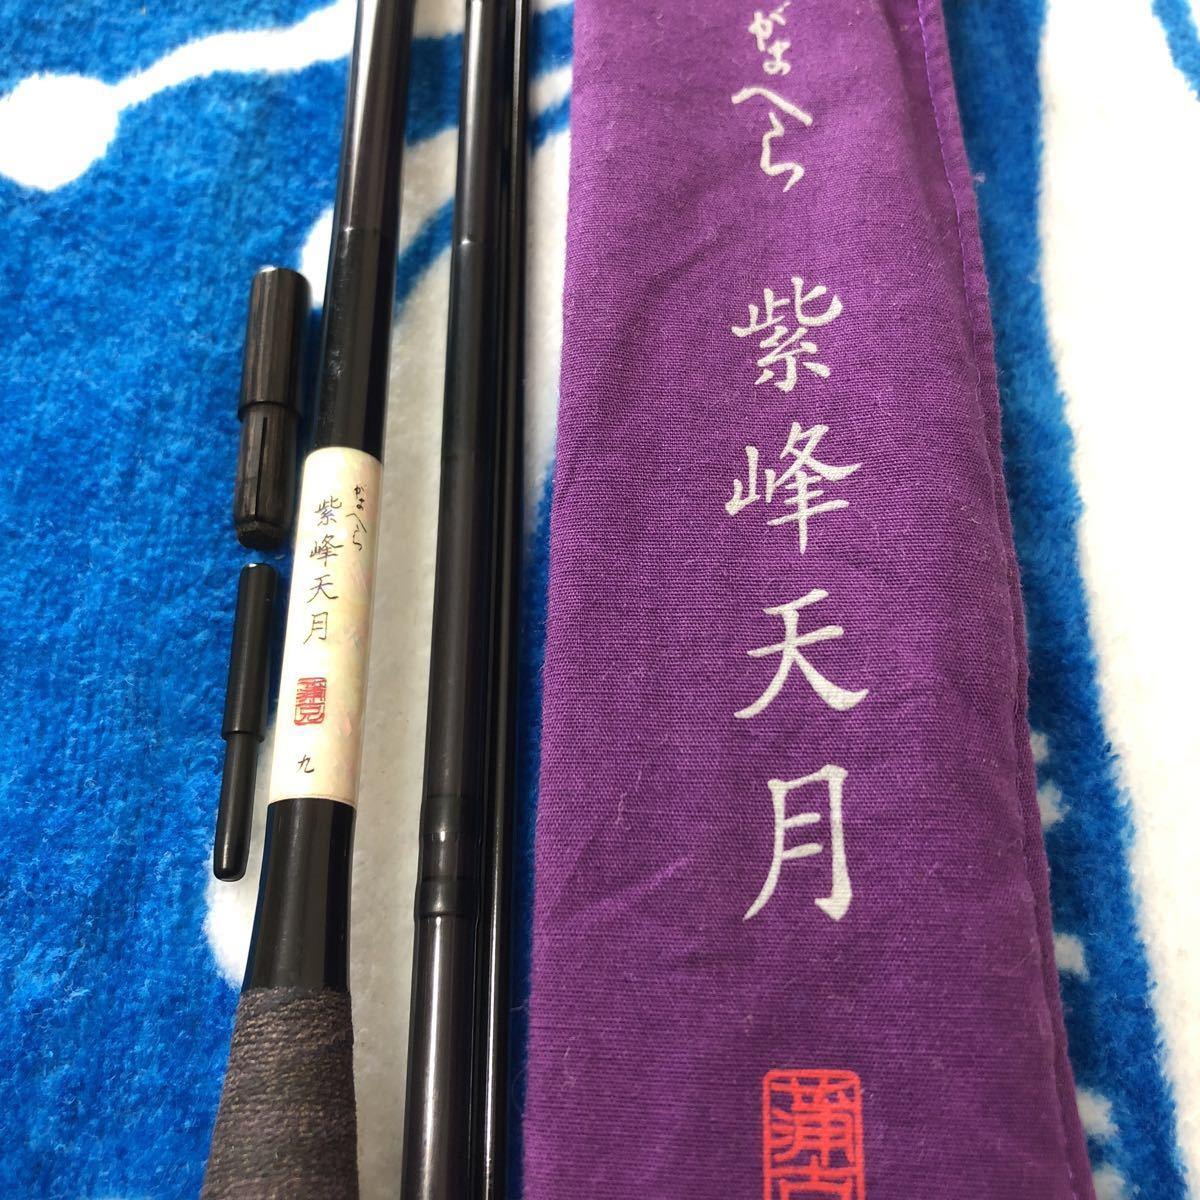 ヘラブナ竿 がまかつ紫峰天月九尺